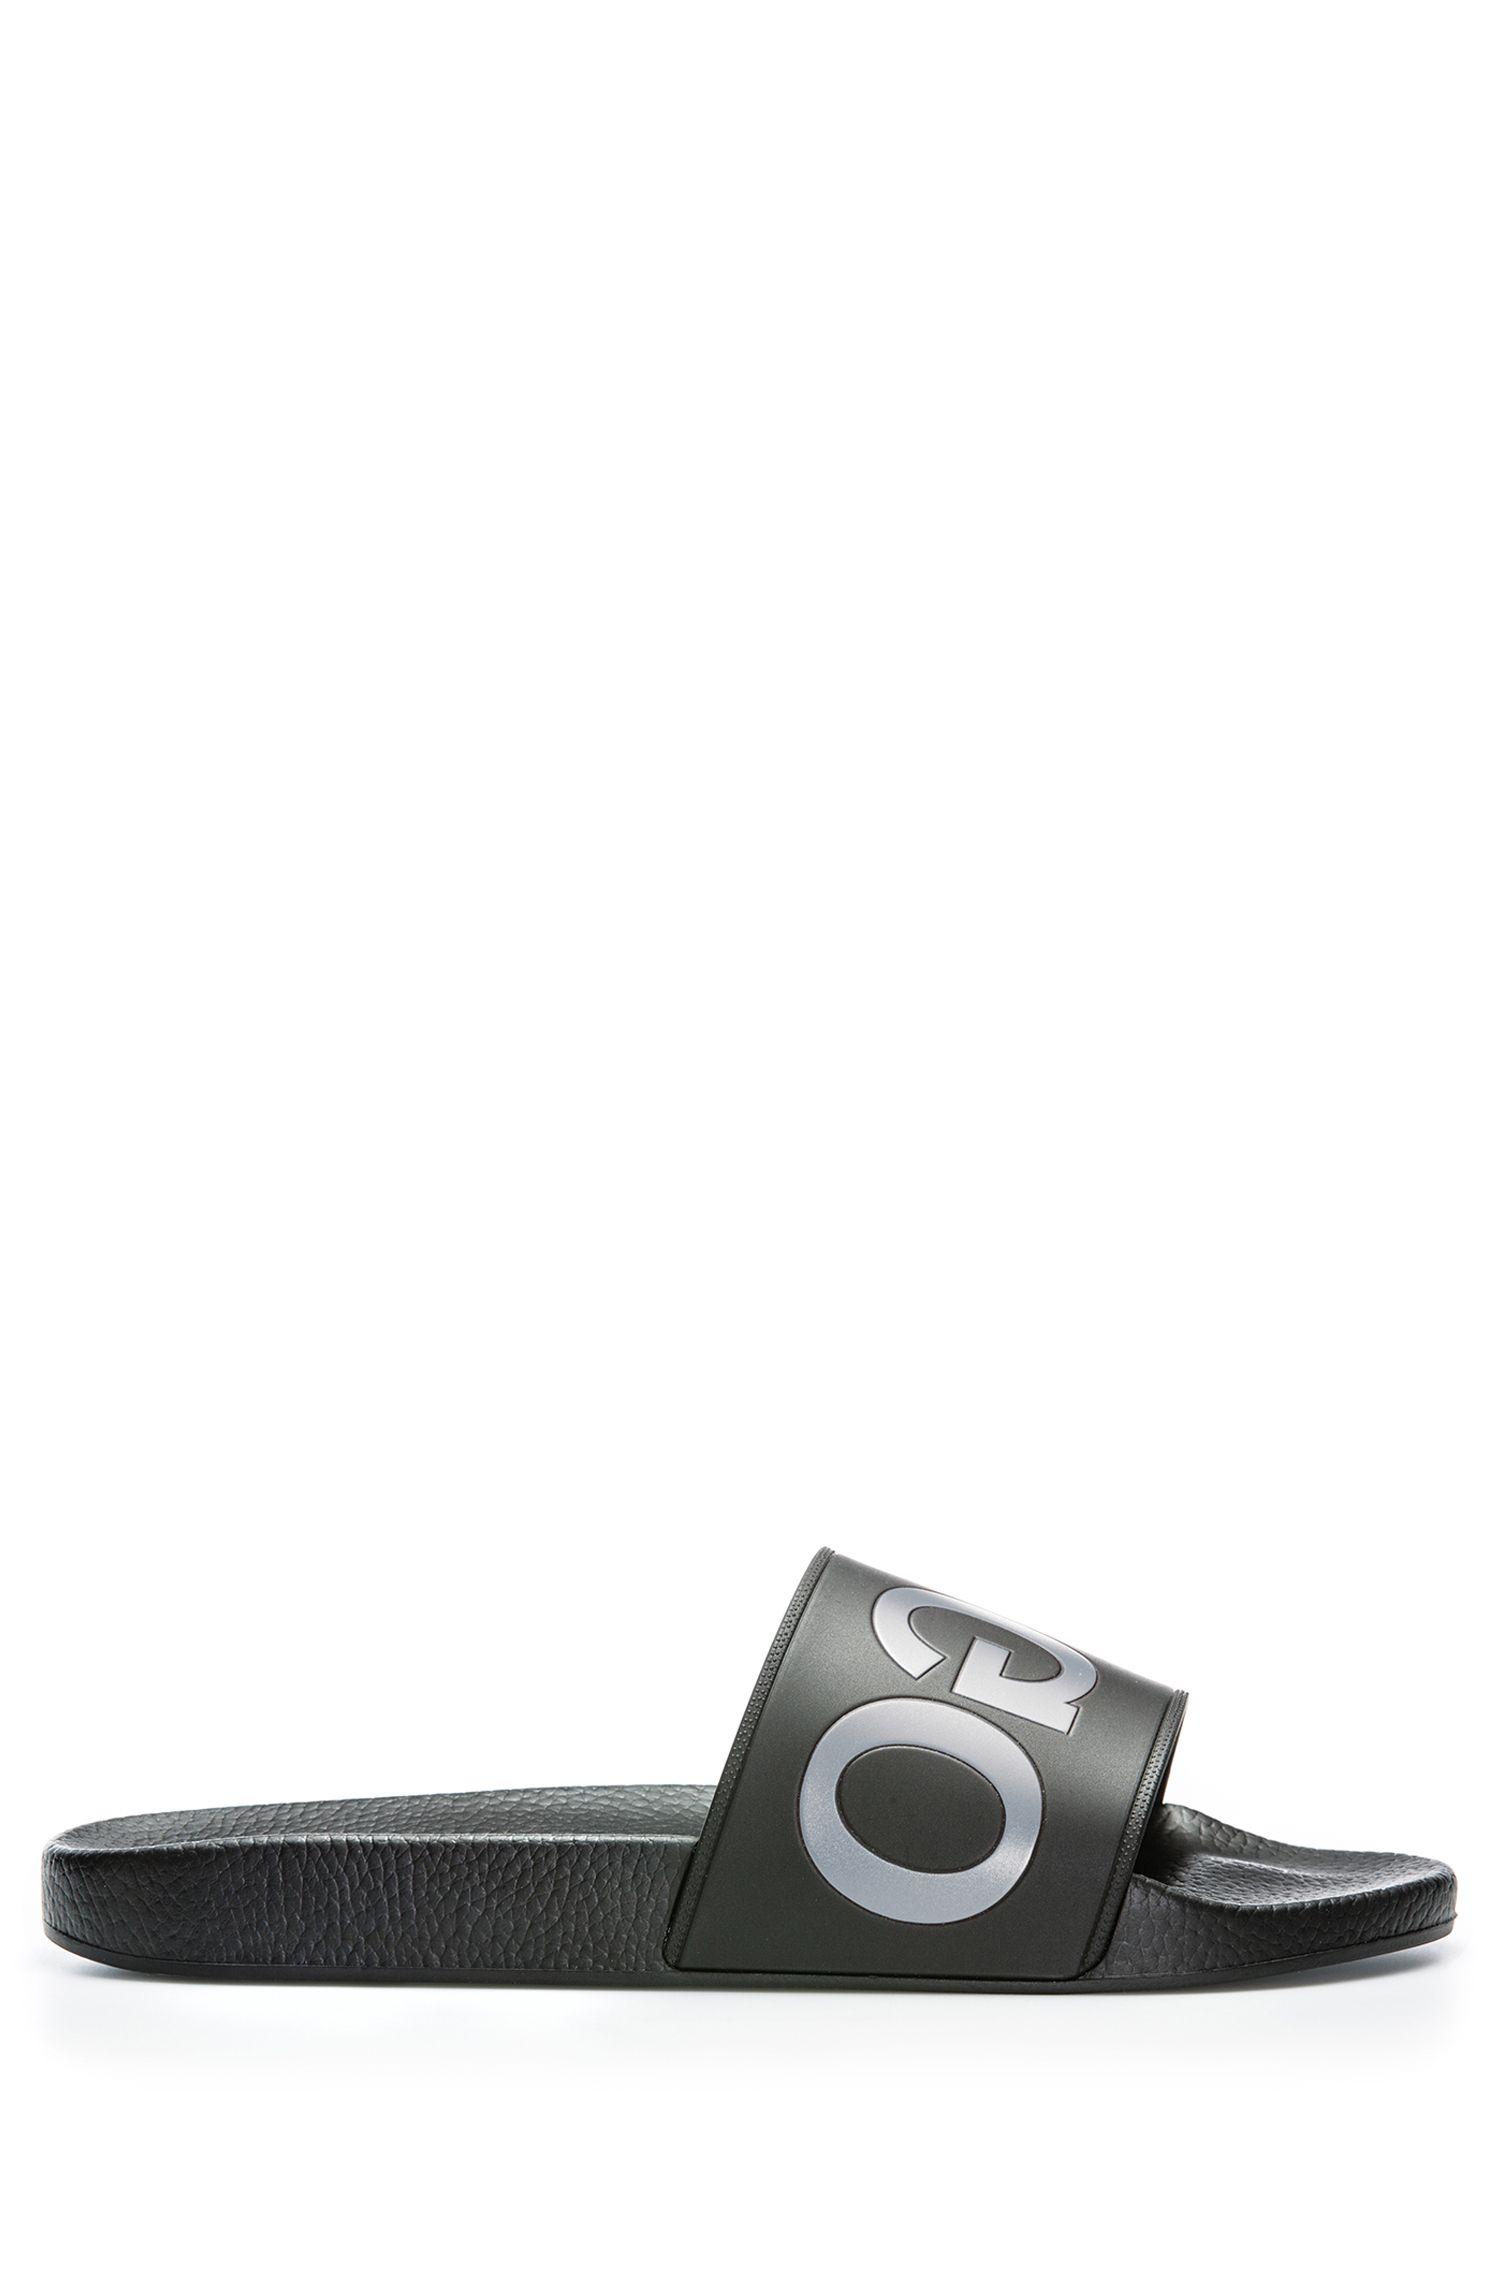 Rubber Slip-On Sandals | Timeout Slip RB, Black